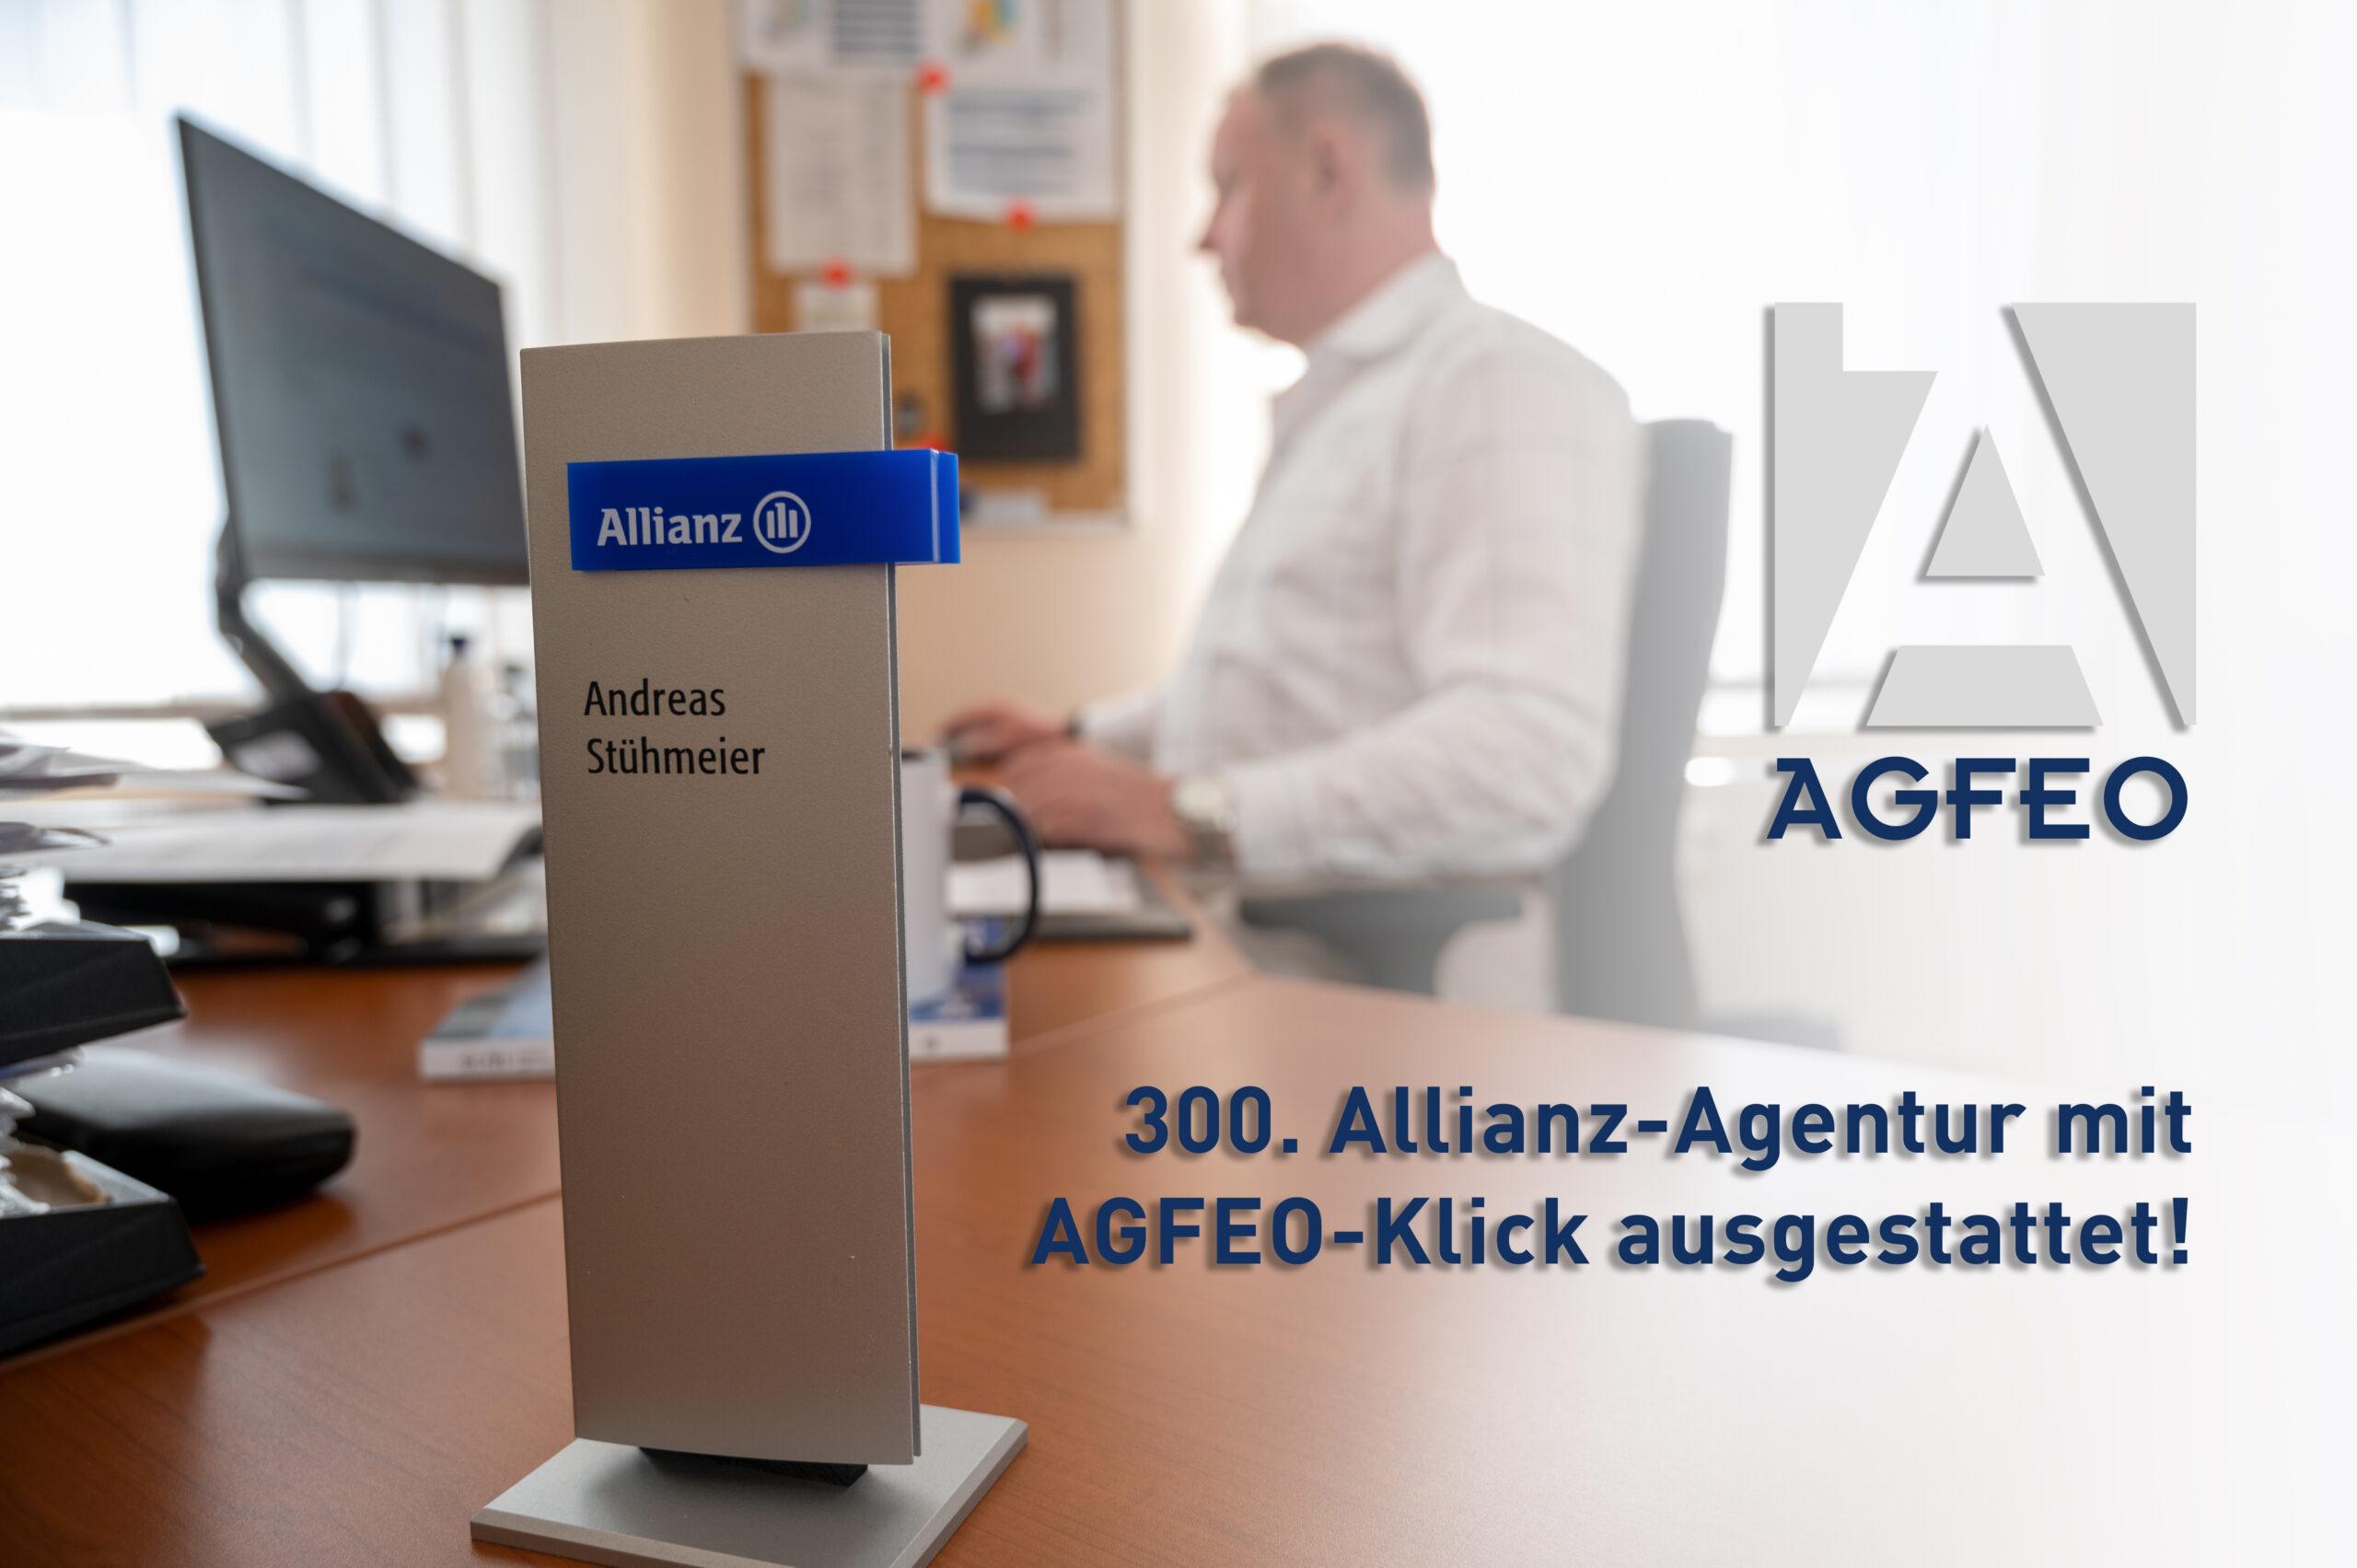 300. Allianz-Agentur mit AGFEO Klick ausgestattet